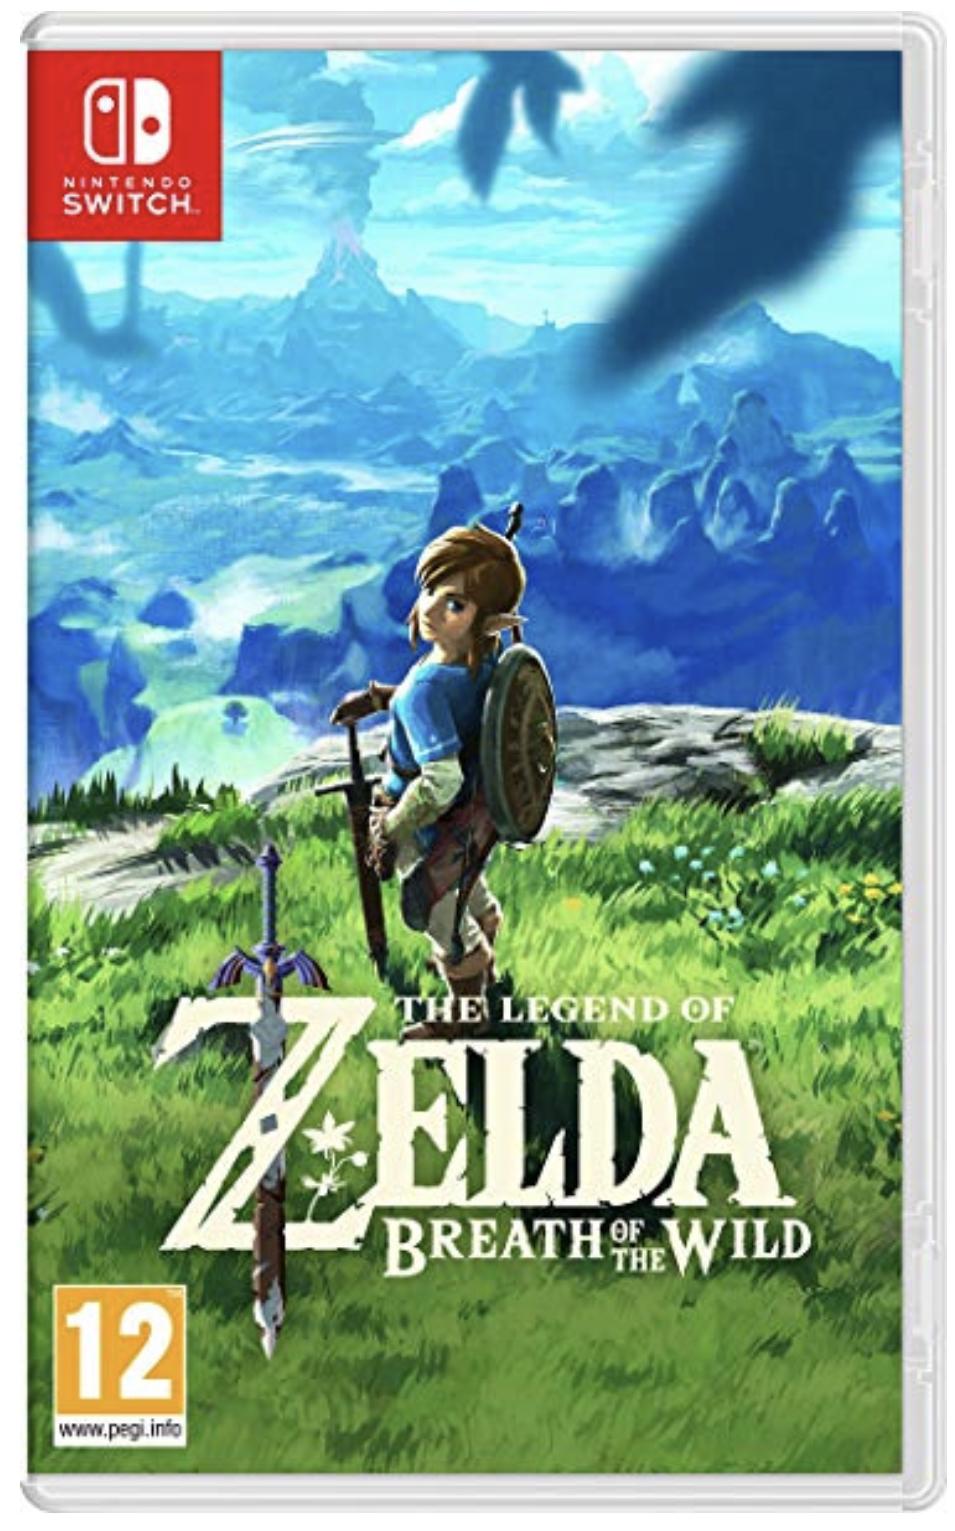 The Legend of Zelda: Breath of the Wild Nintendo Switch für 42,05€ inkl. Versandkosten